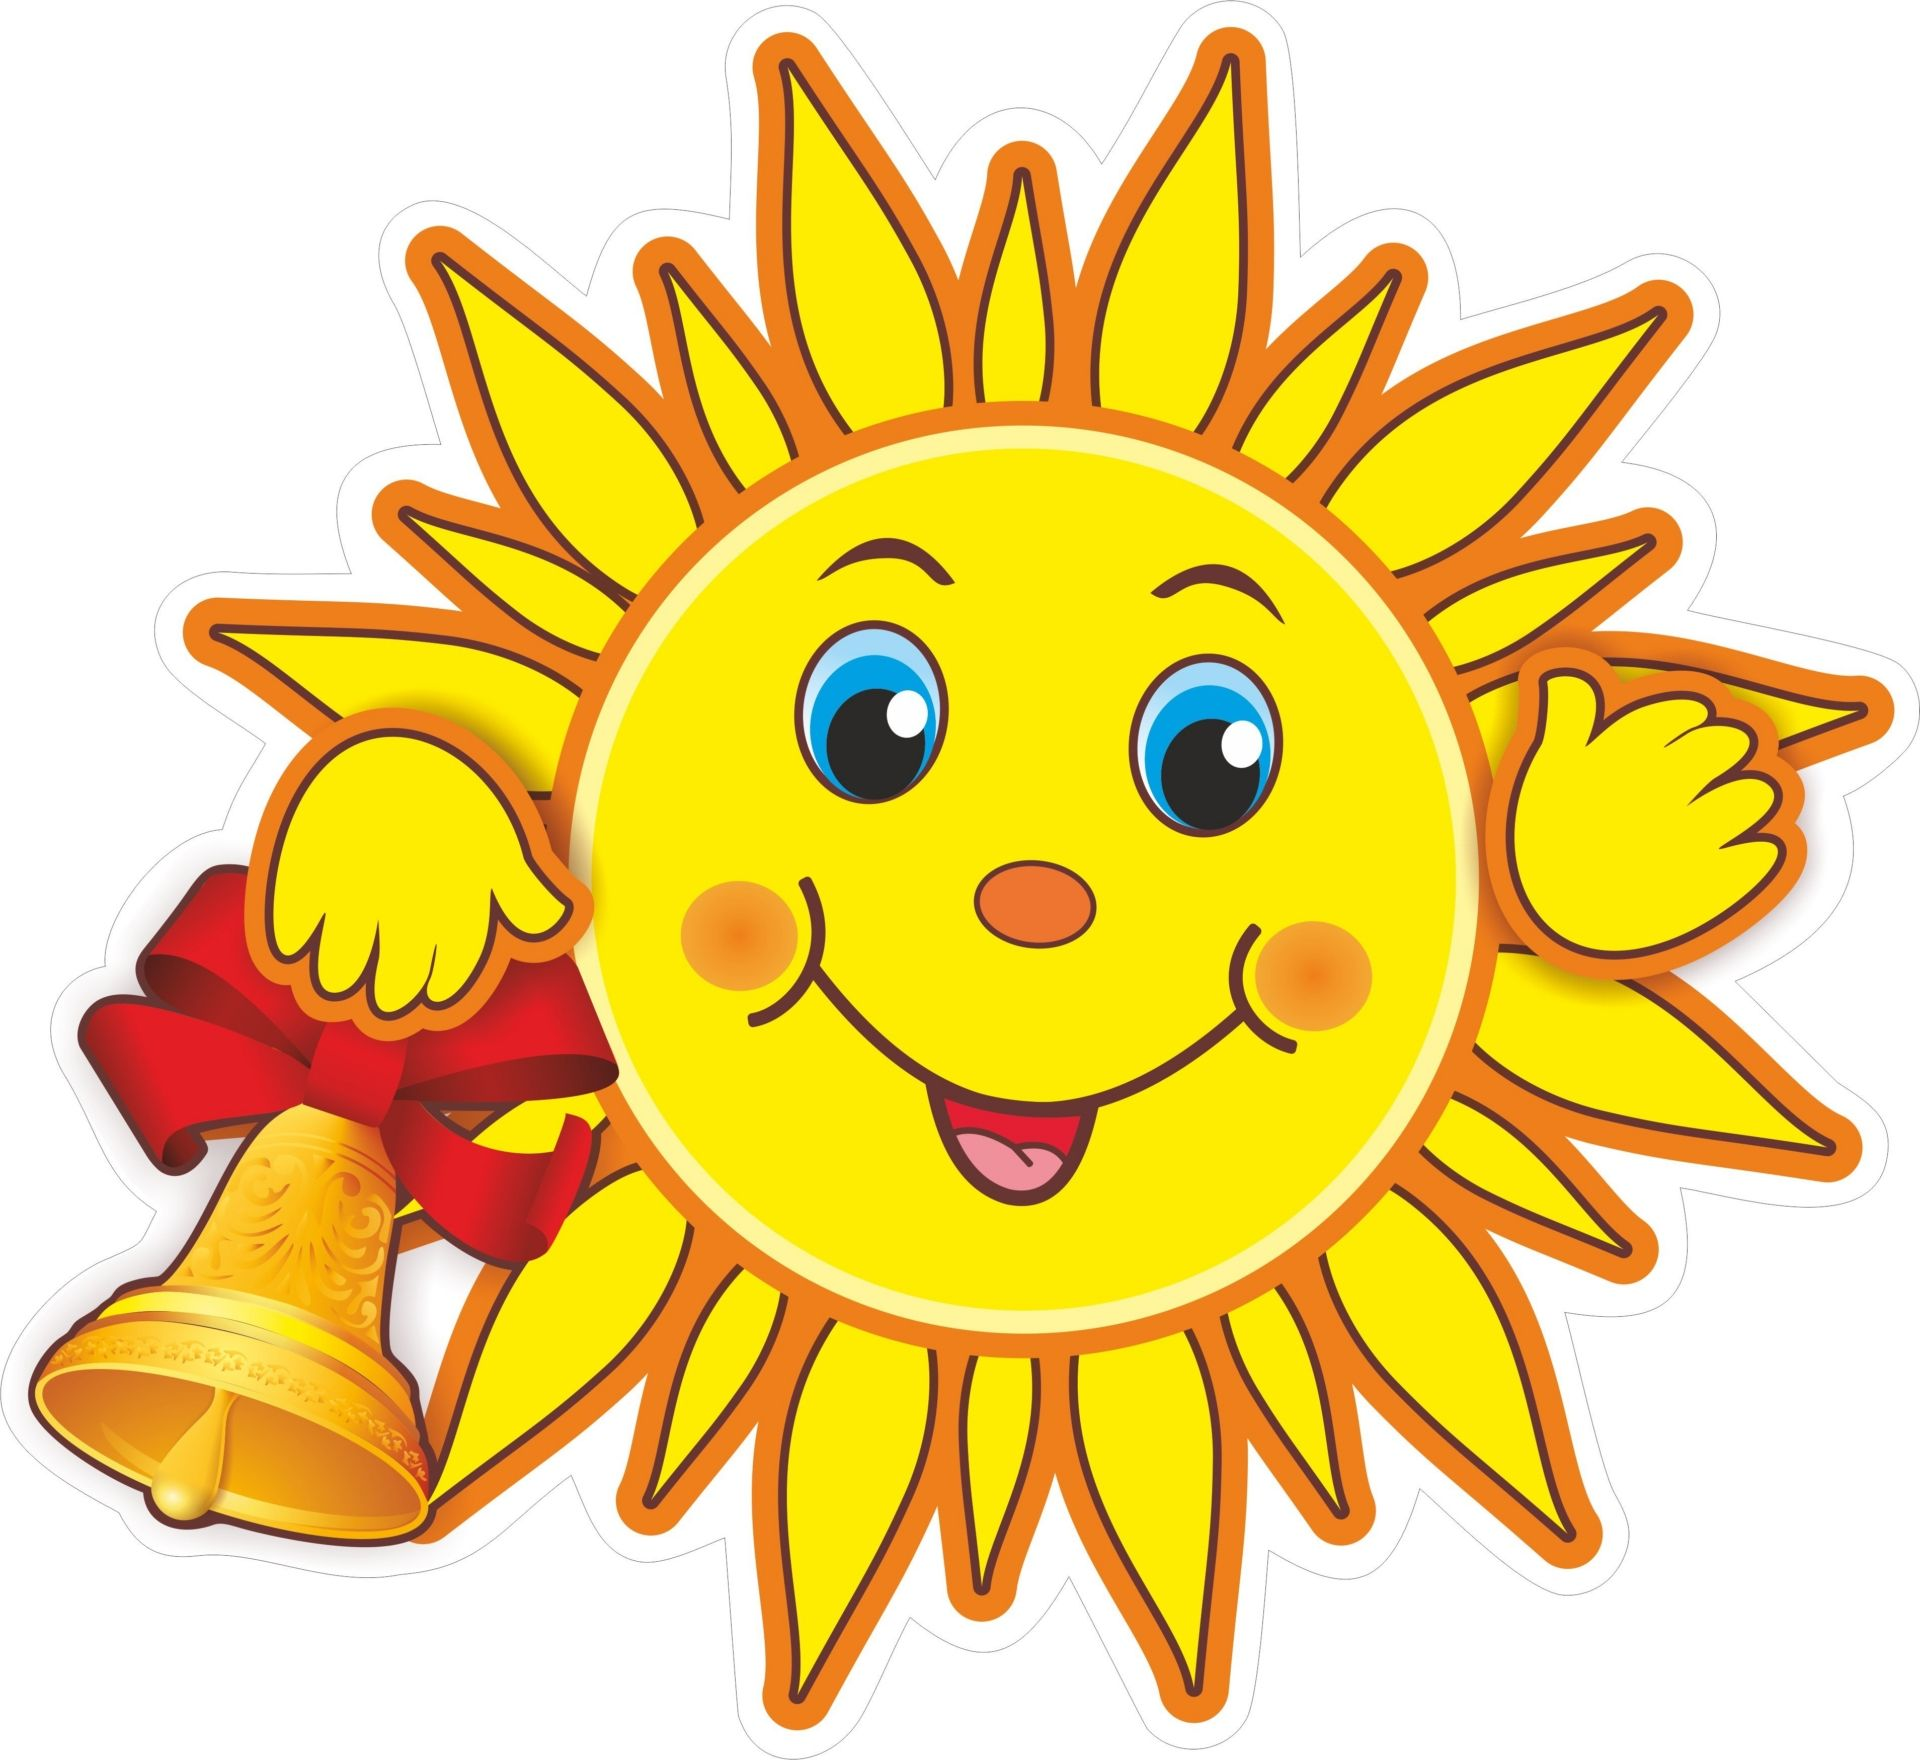 Плакат вырубной Солнышко с колокольчиком. 300*330 ммГирлянды<br>.<br><br>Год: 2017<br>Серия: Вырубные фигуры для оформления<br>Высота: 300<br>Ширина: 330<br>Переплёт: набор